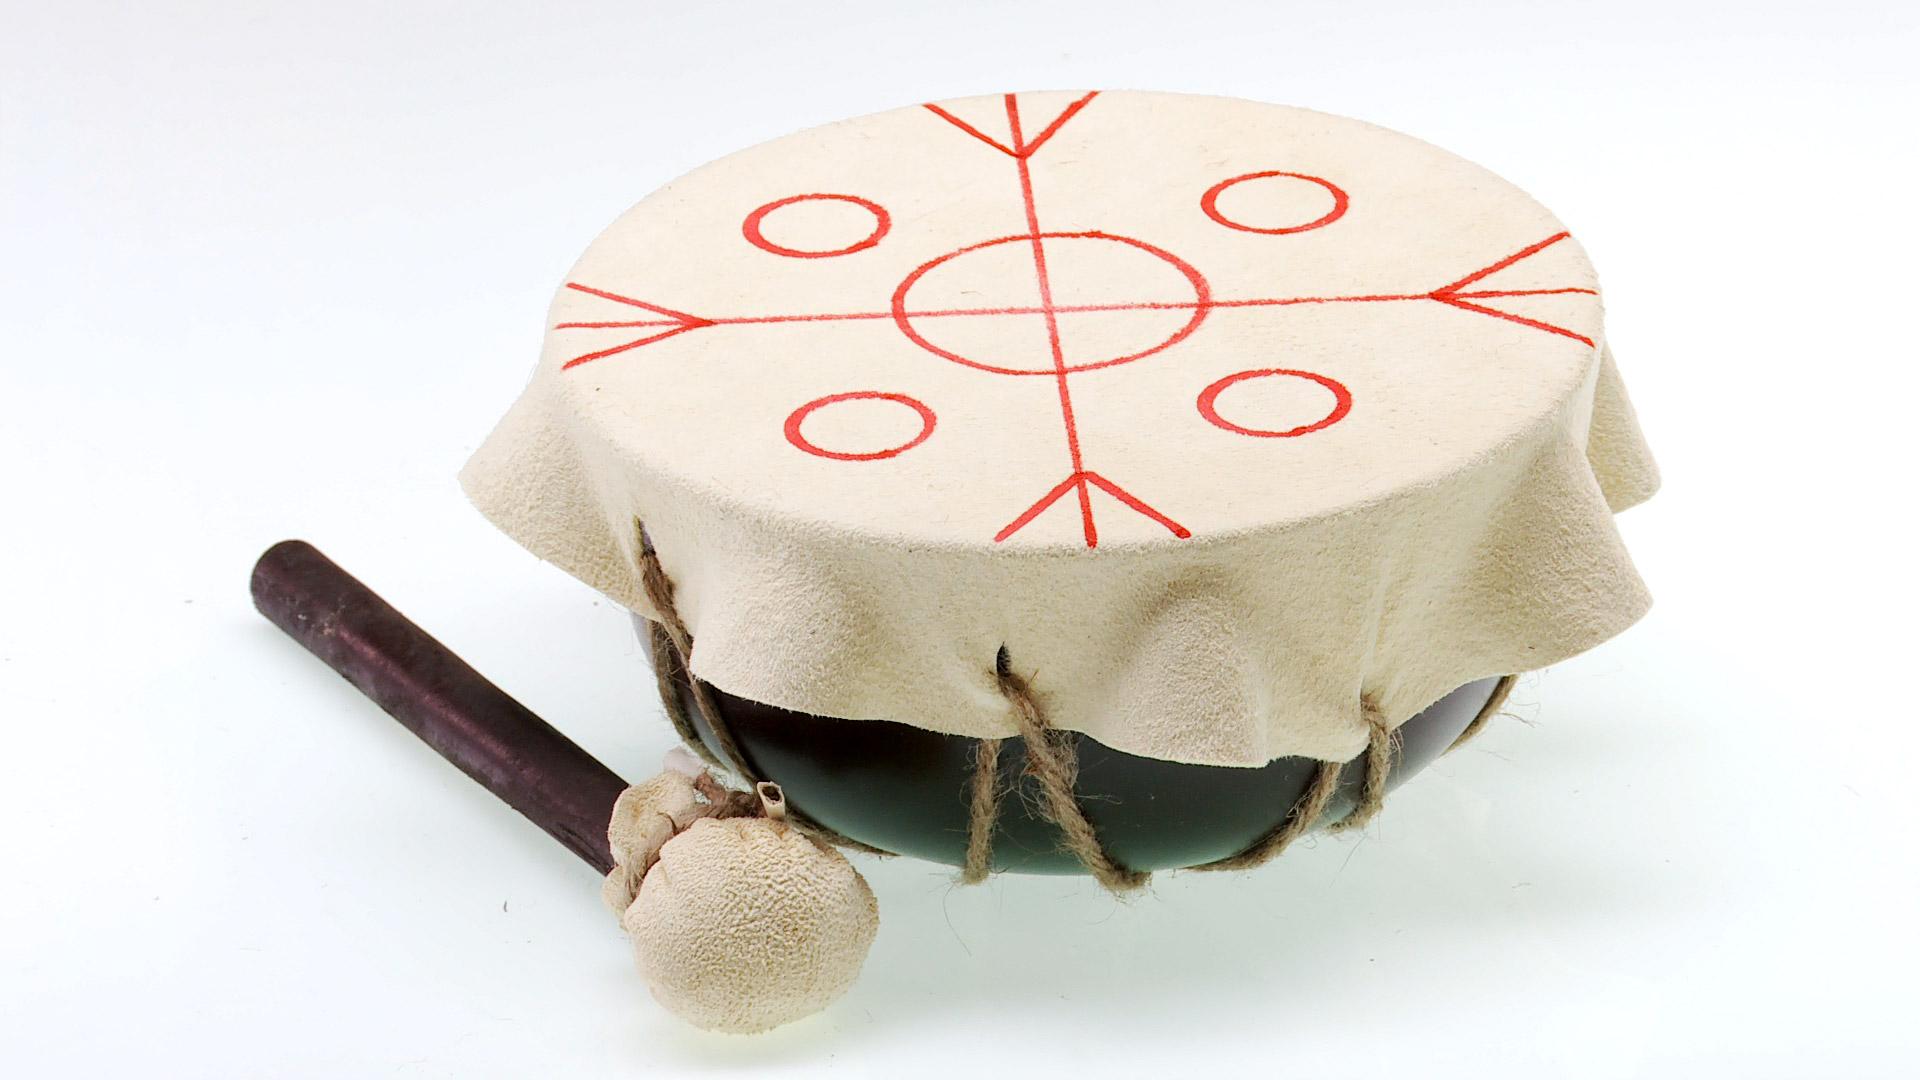 De todos los instrumentos musicales mapuches, el cultrún o kultrún es el más importante. Es usado por la machi en los rituales religiosos y culturales. Y durante el ngillatún [guillatún], el rito anual de la fertilidad; por eso tiene ese dibujo en su parche de cuero, que representa los puntos cardinales mapuches, además del cielo, la tierra y debajo de la tierra.